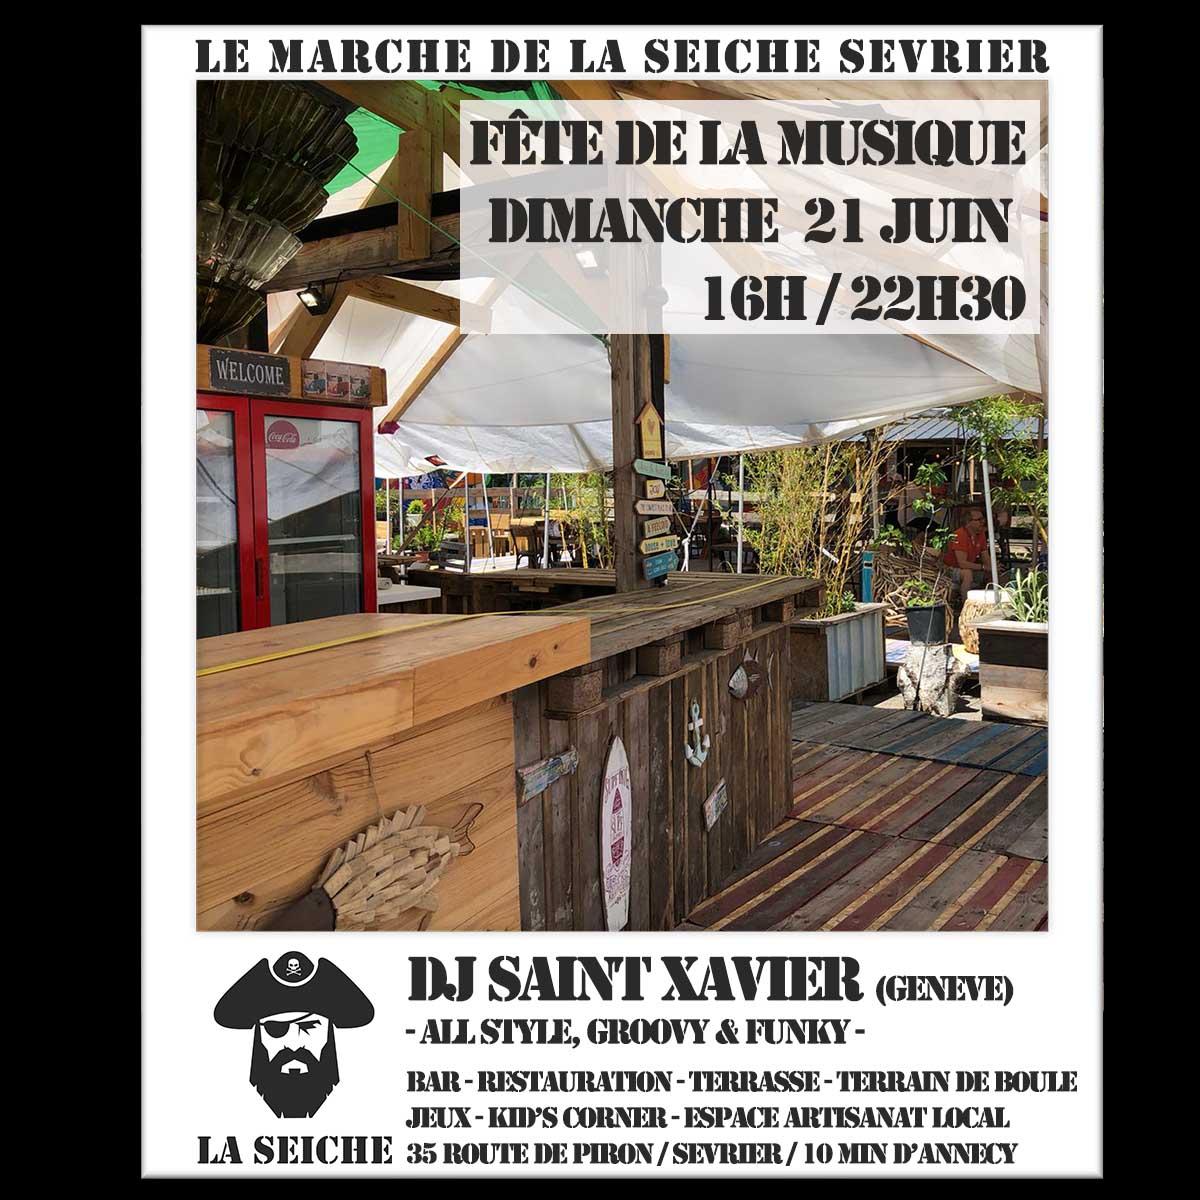 FÊTE DE LA MUSIQUES AU MARCHÉ DE LA SEICHE DIMANCHE 21 JUIN - SEVRIER DJ SAINT XAVIER (GENÈVE)